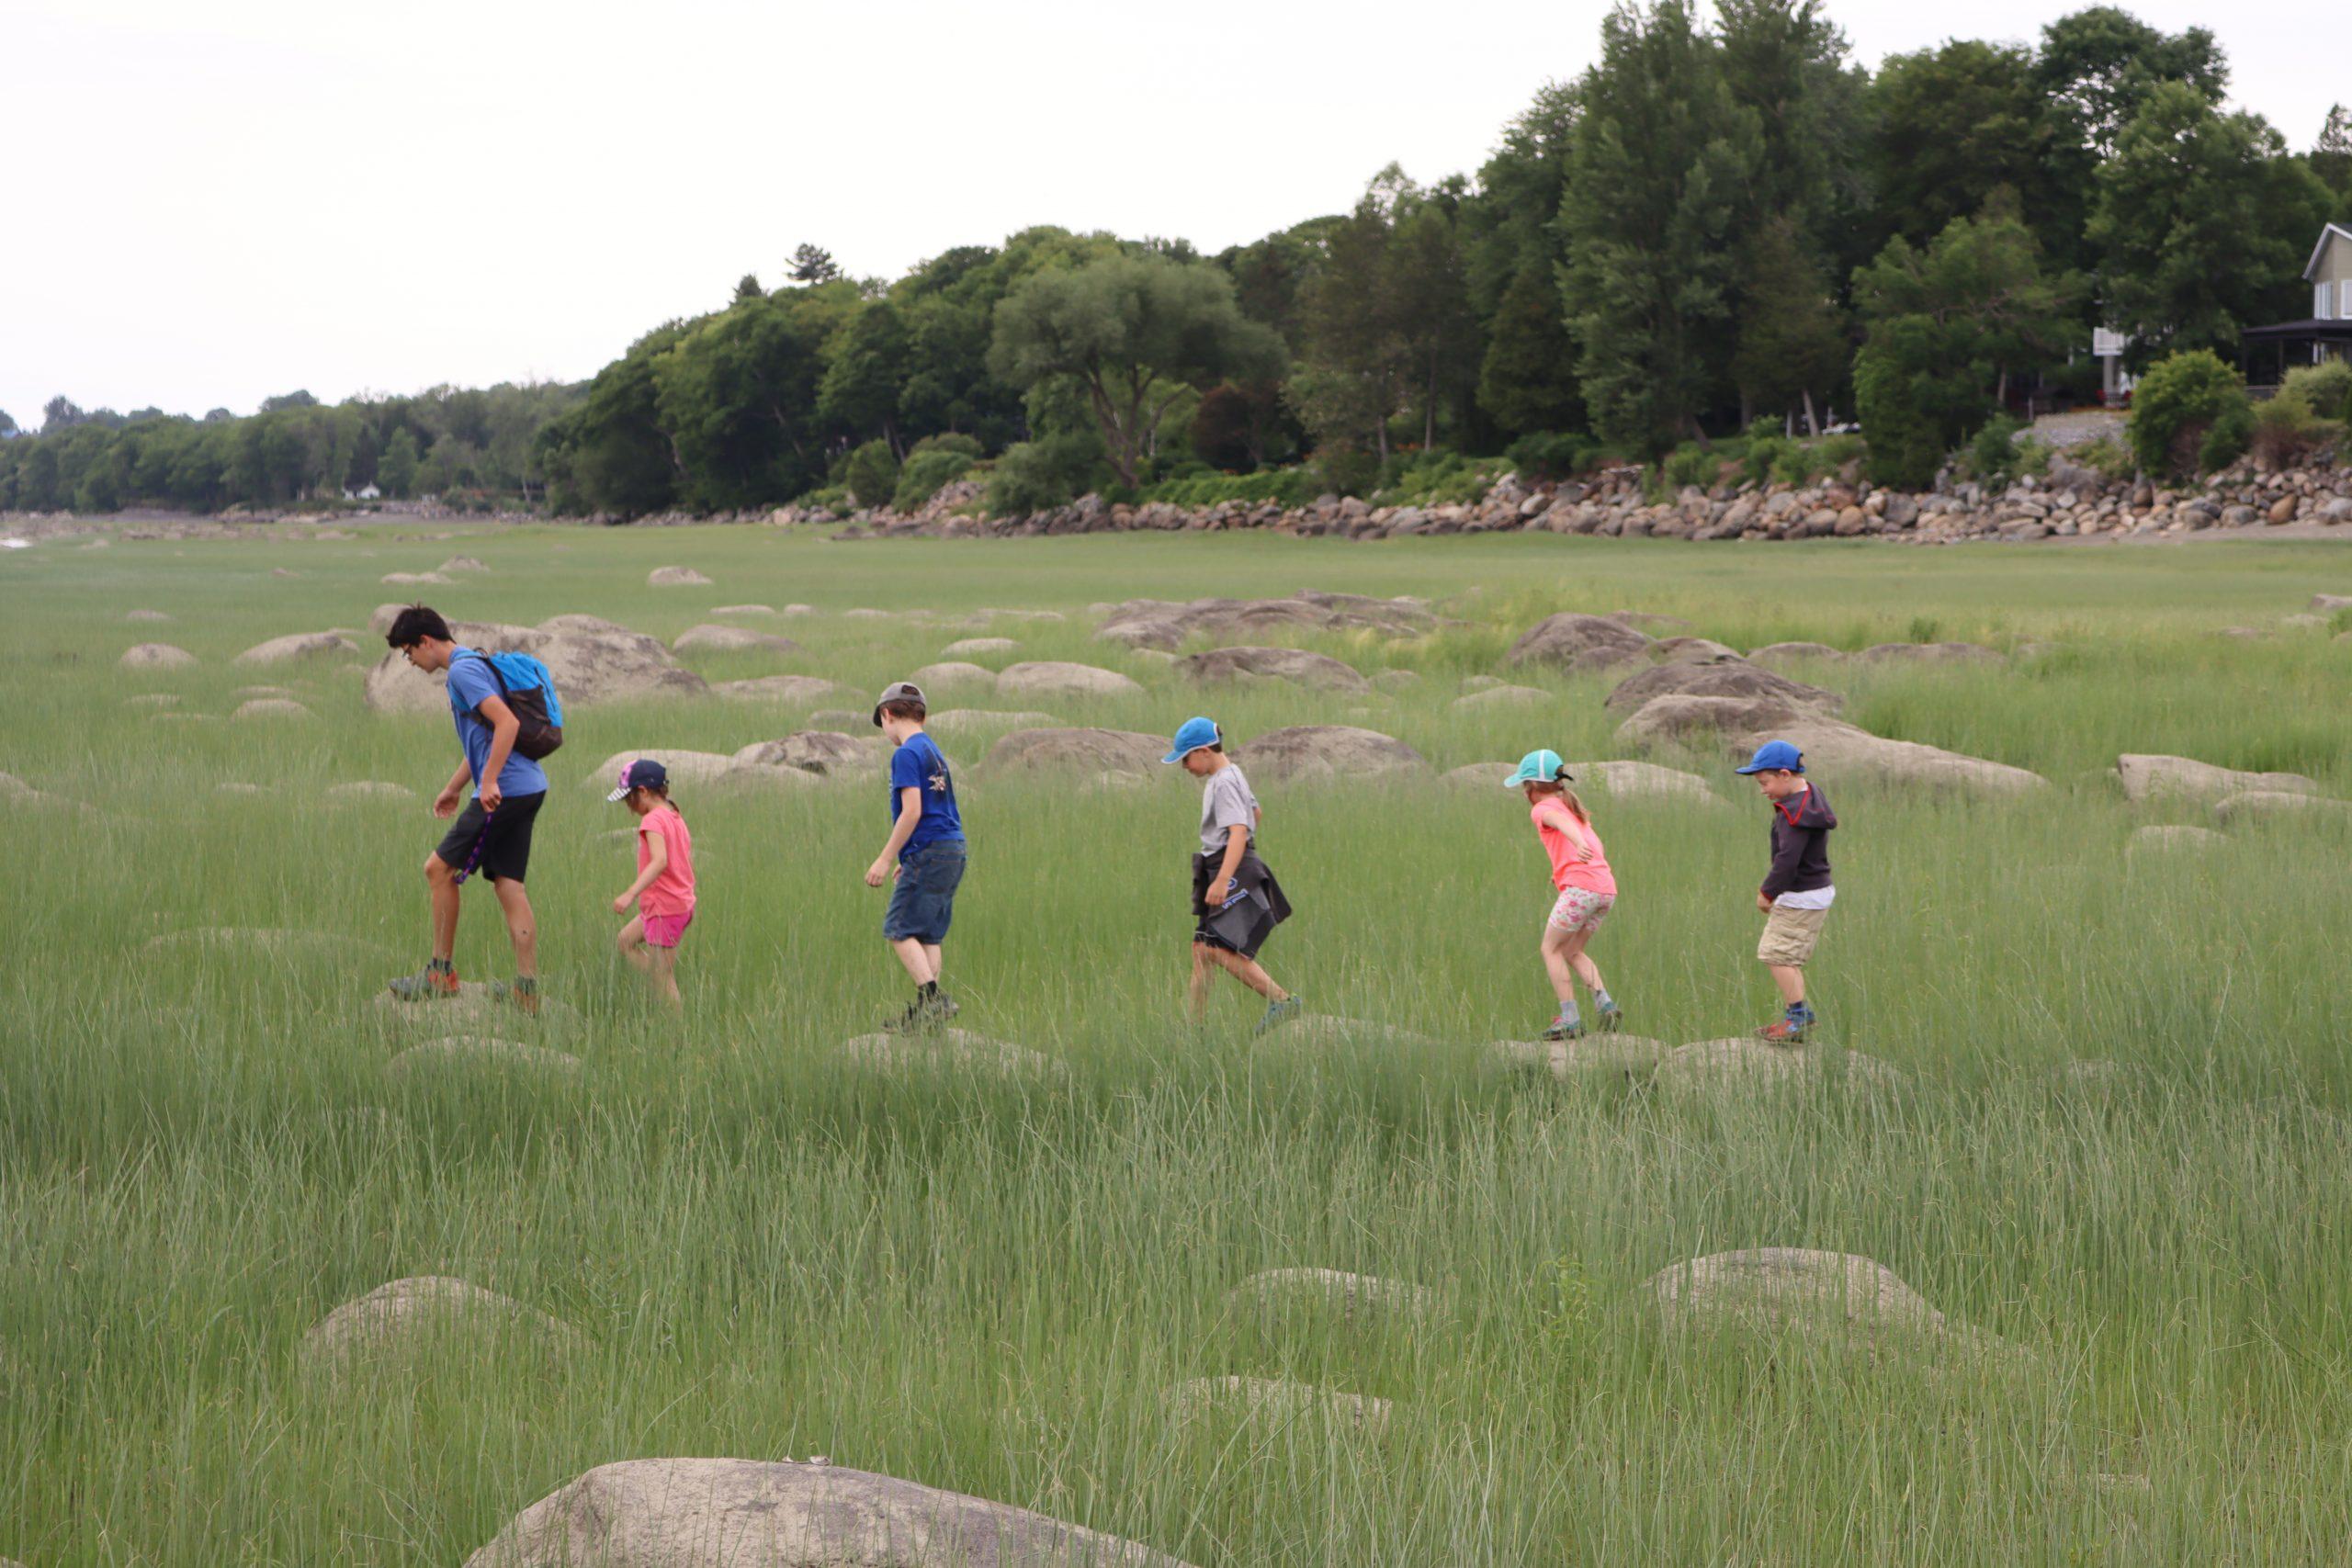 Accompagnés de leur guide, les jeunes participants au camp de jour de la Maison Léon-Provancher, en juillet 2020, explore le marais fluvial, alors que la marée est basse.